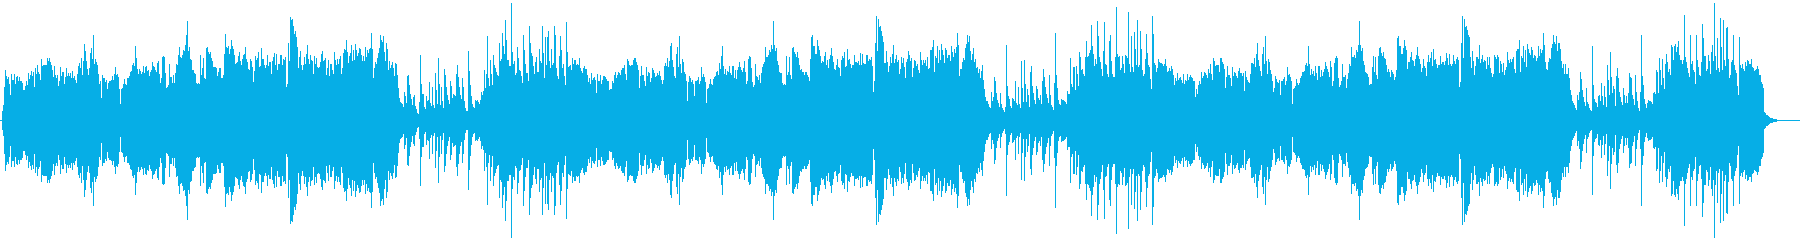 和楽器とチェロのバラードの再生済みの波形